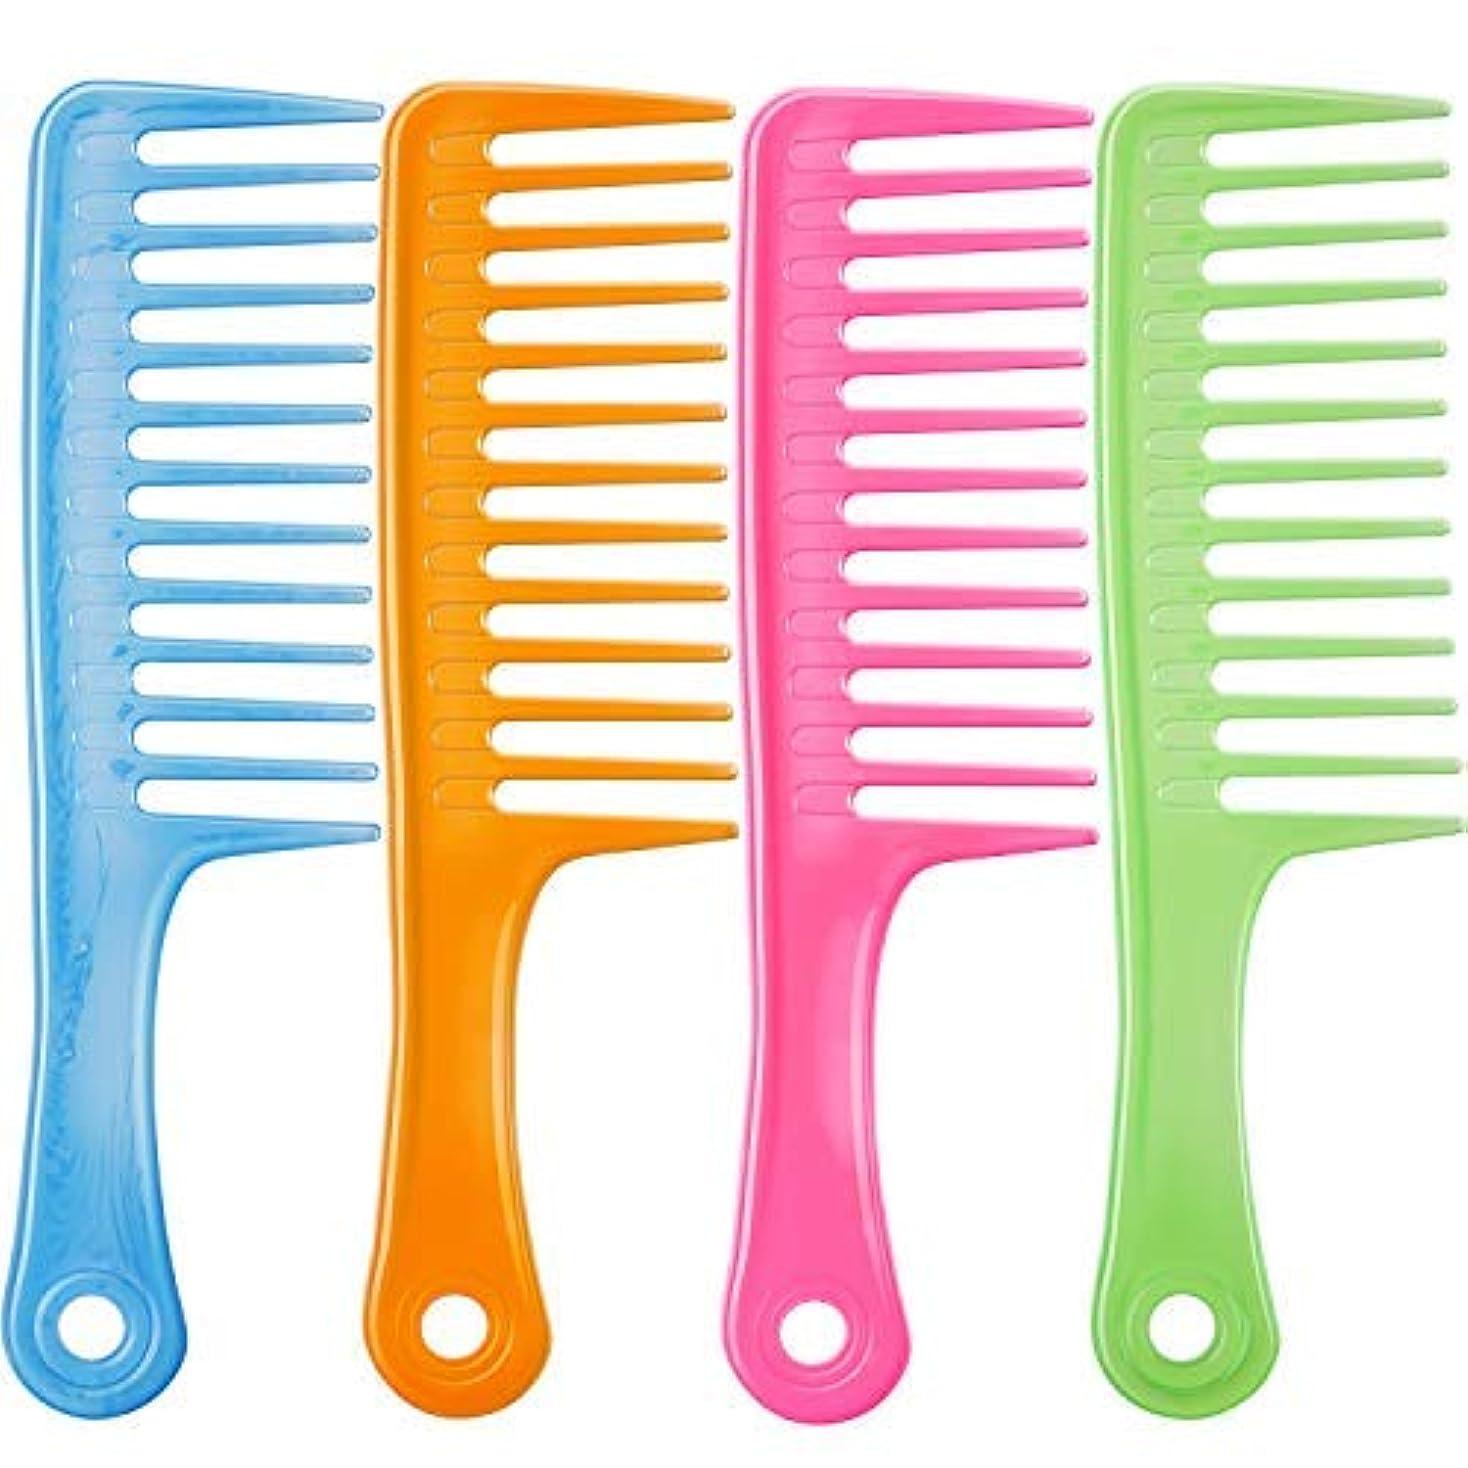 アレルギー苦いディスパッチTecUnite 4 Pieces 9 1/2 Inches Anti-static Large Tooth Detangle Comb, Wide Tooth Hair Comb Salon Shampoo Comb...